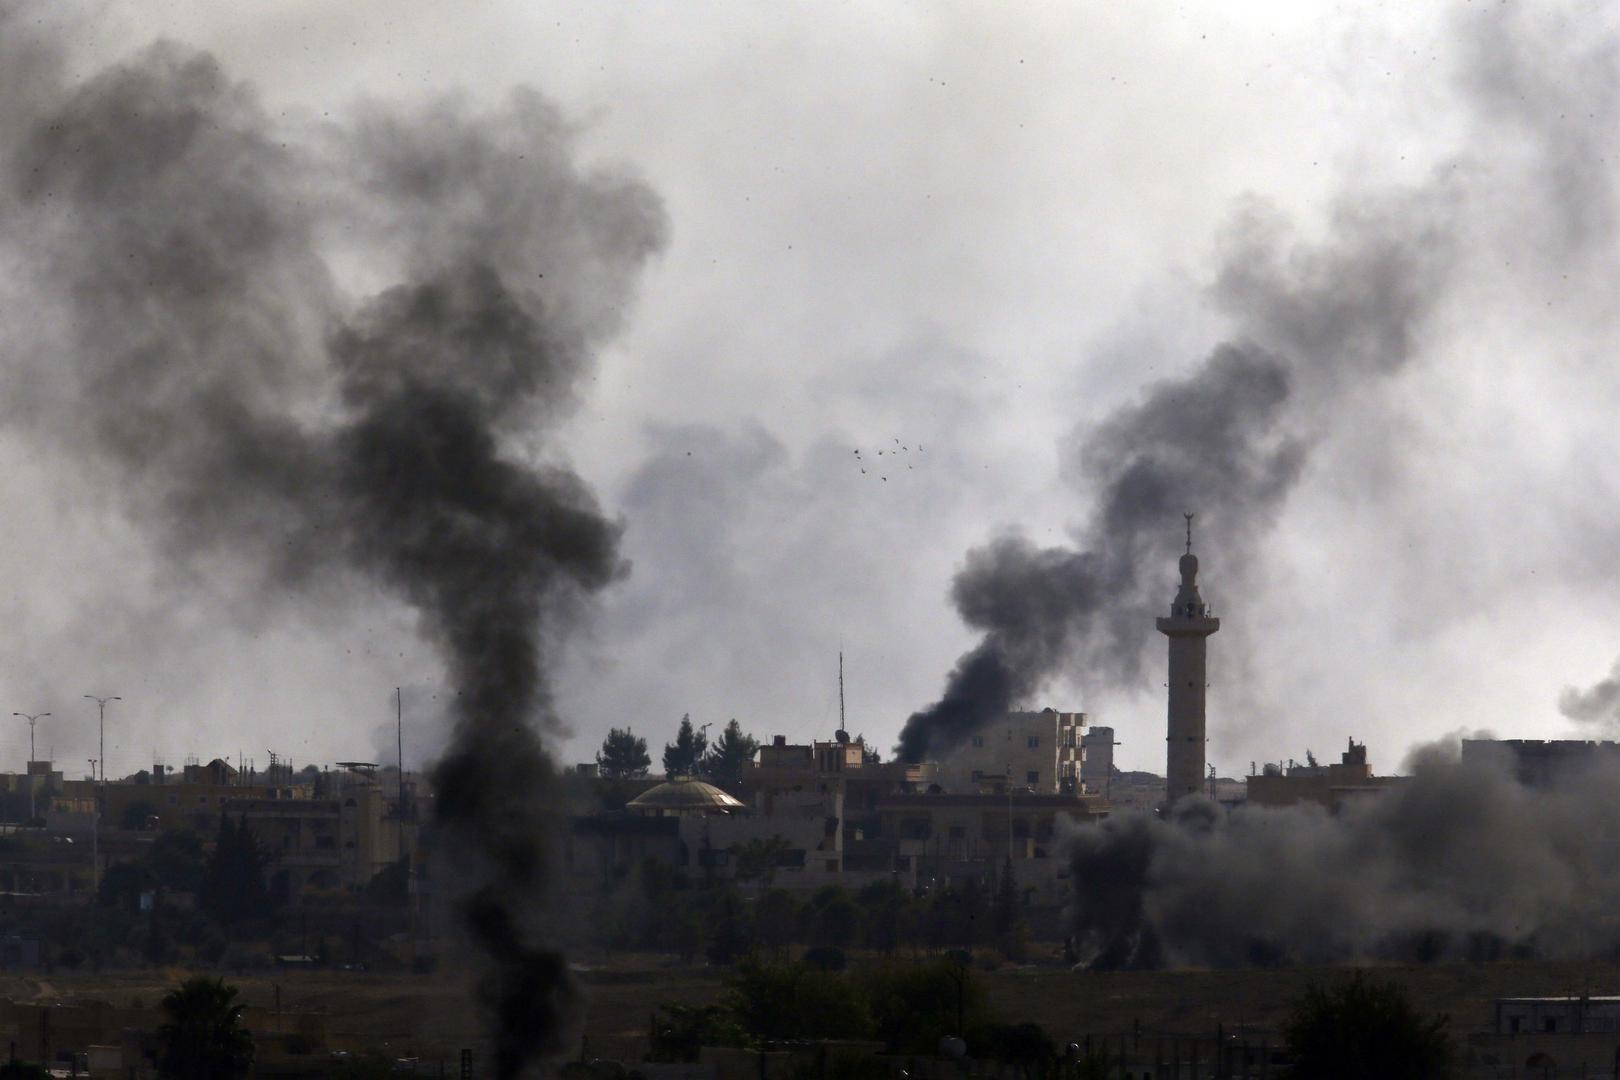 فريق الخبراء الأممين:  الانتهاكات شملت الغارات الجوية